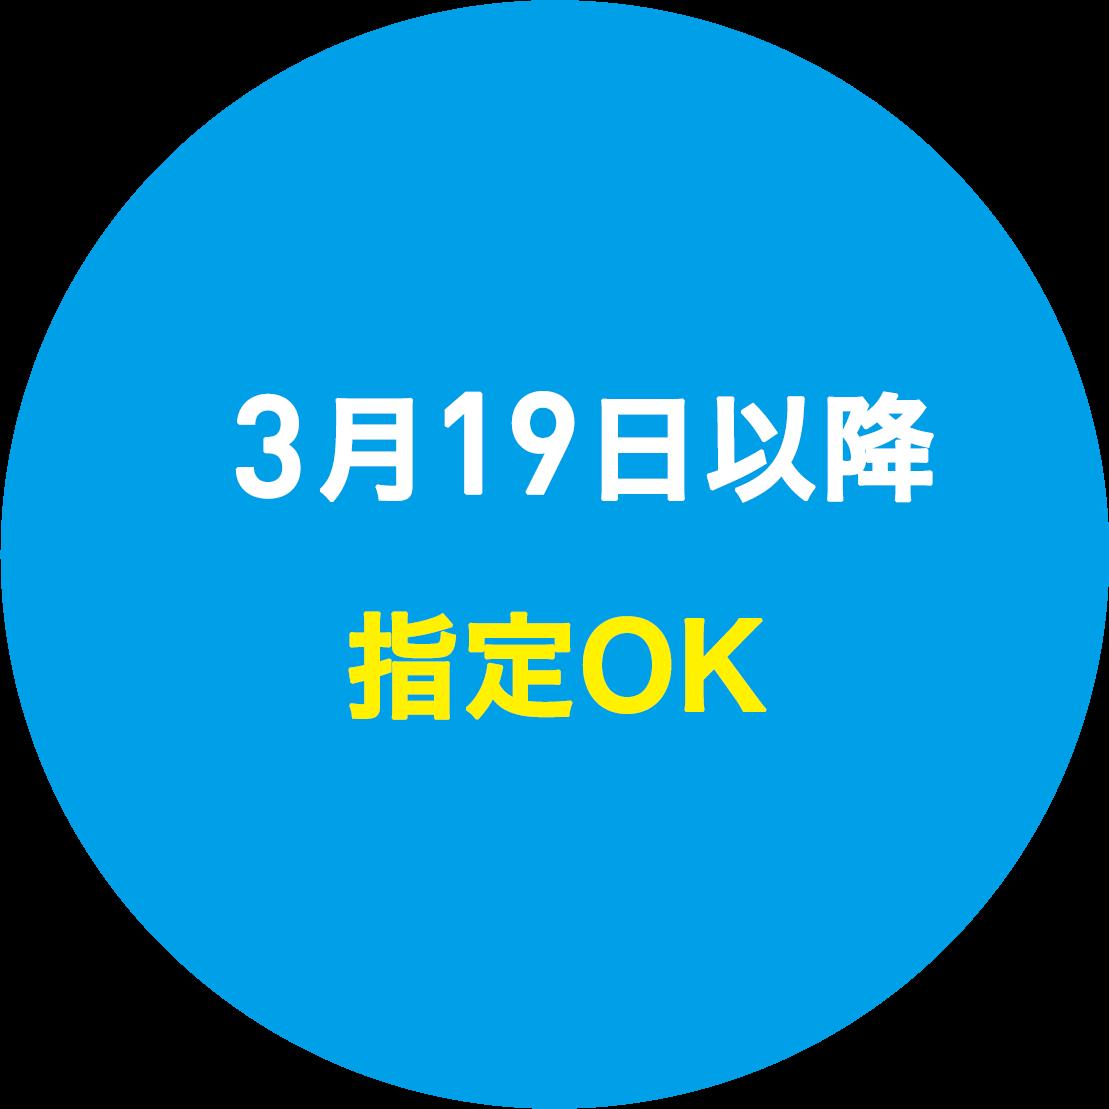 1月22日以降 納期指定OK